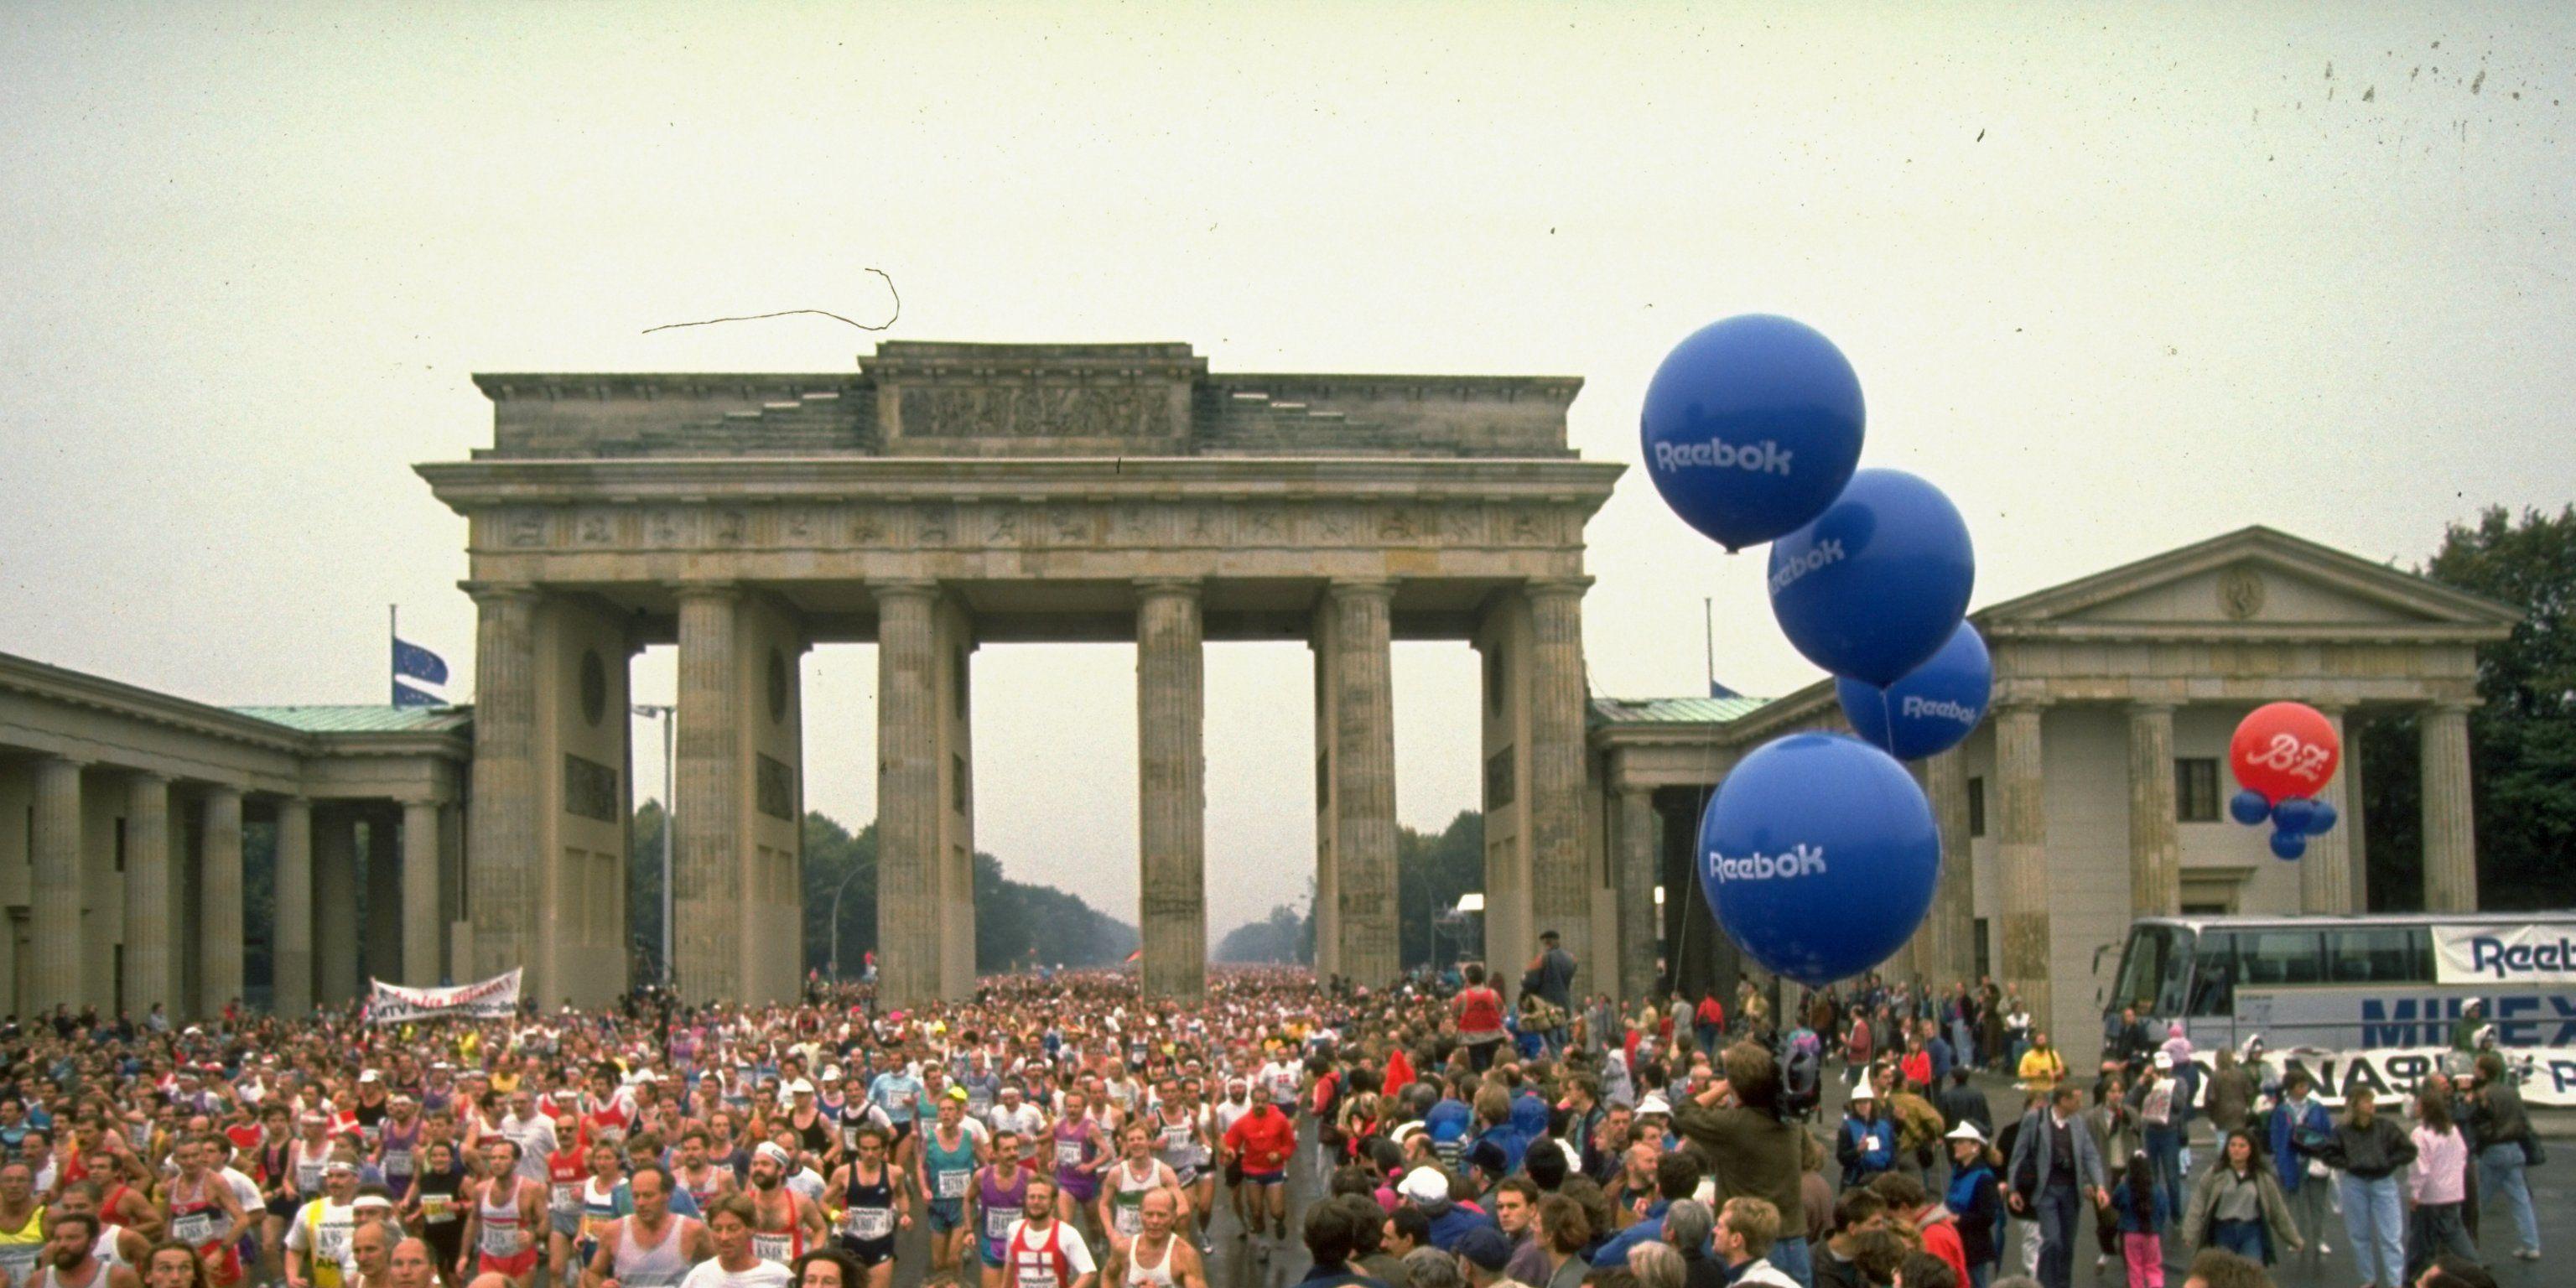 The Brandenburg Gate